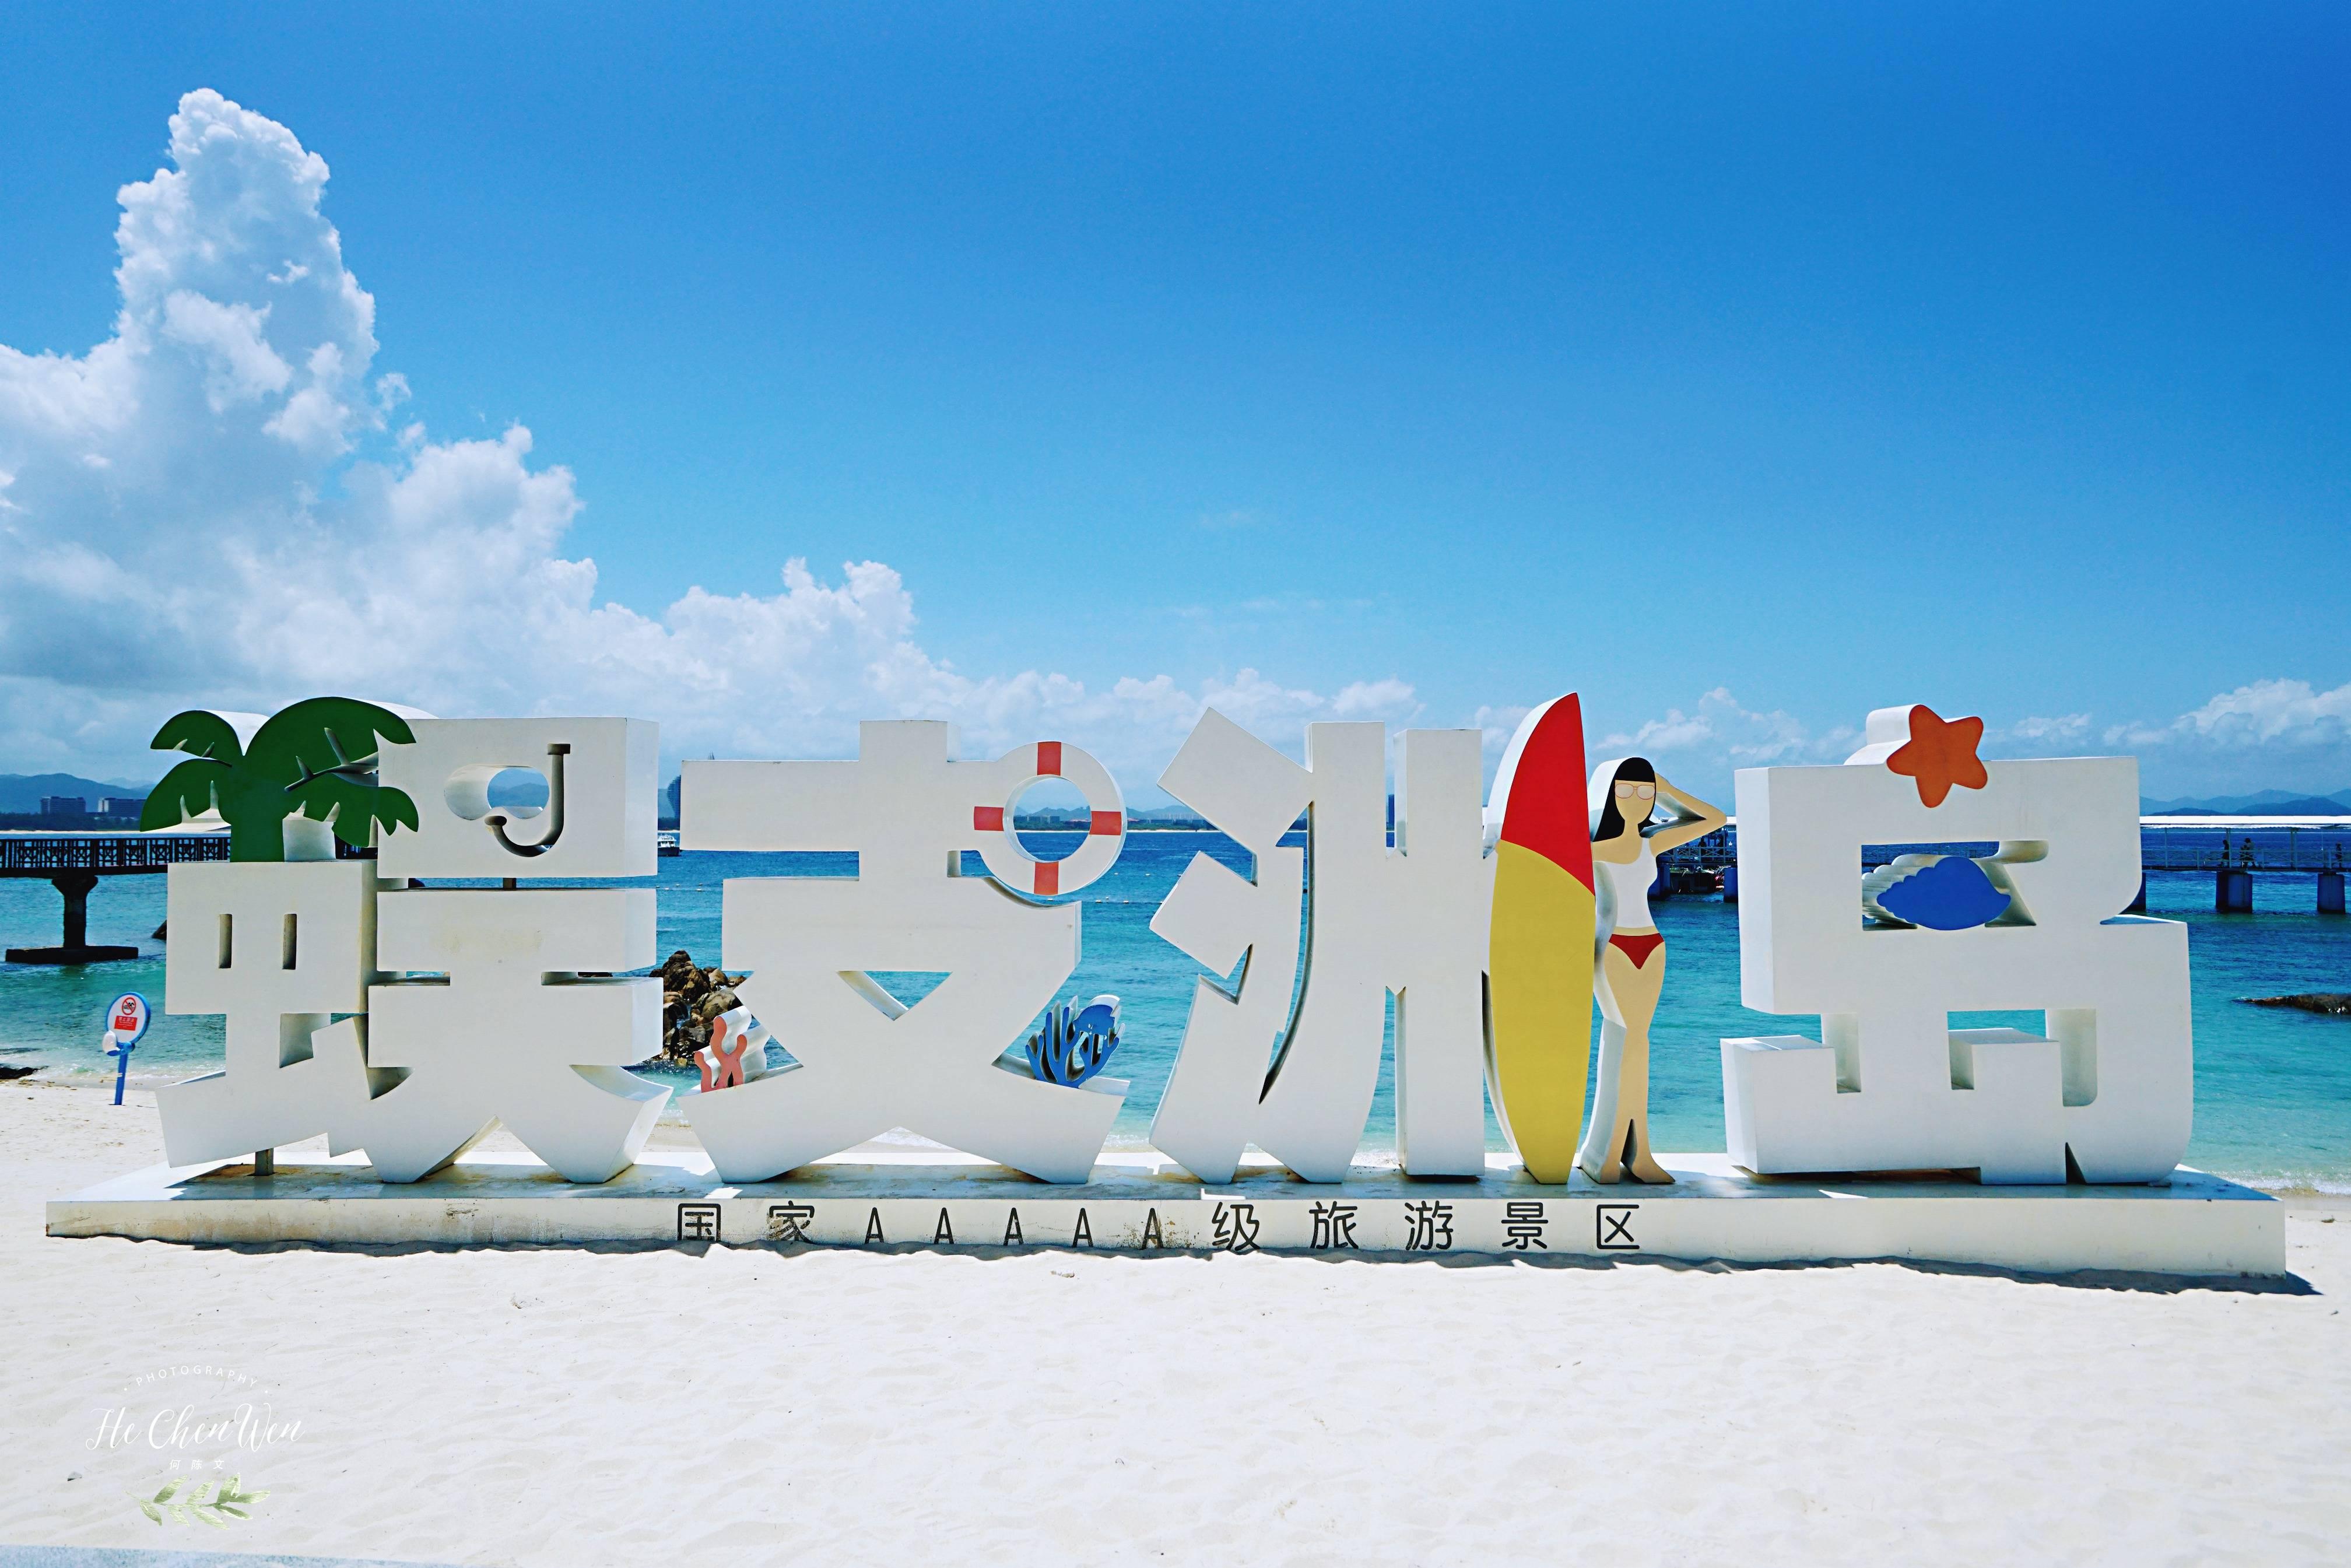 中国的马尔代夫,水质干净清澈,简直是潜水天堂